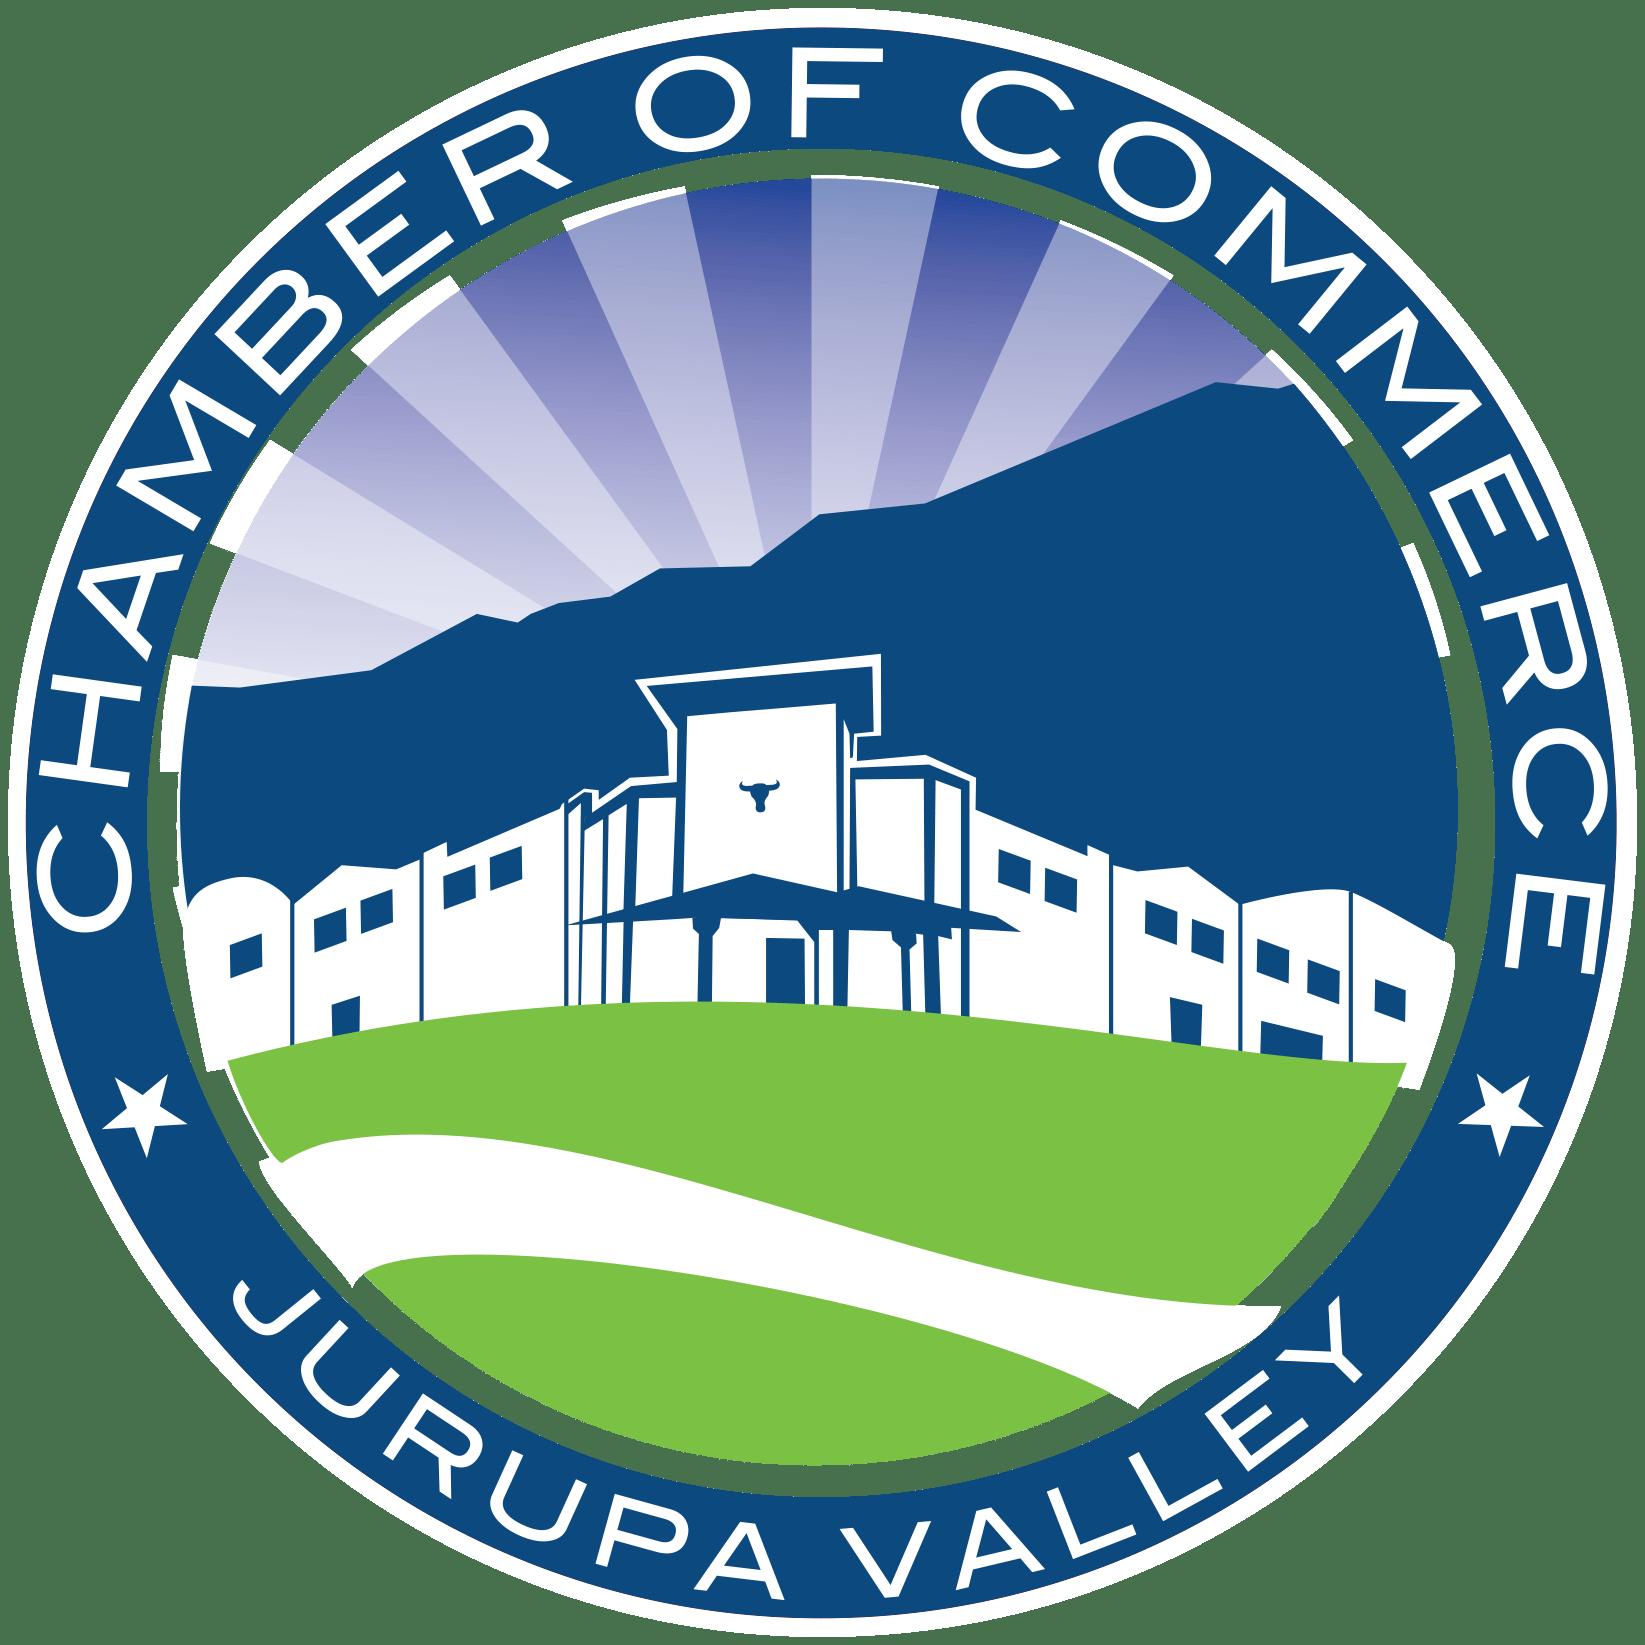 Jurupa Valley Chamber of Commerce logo